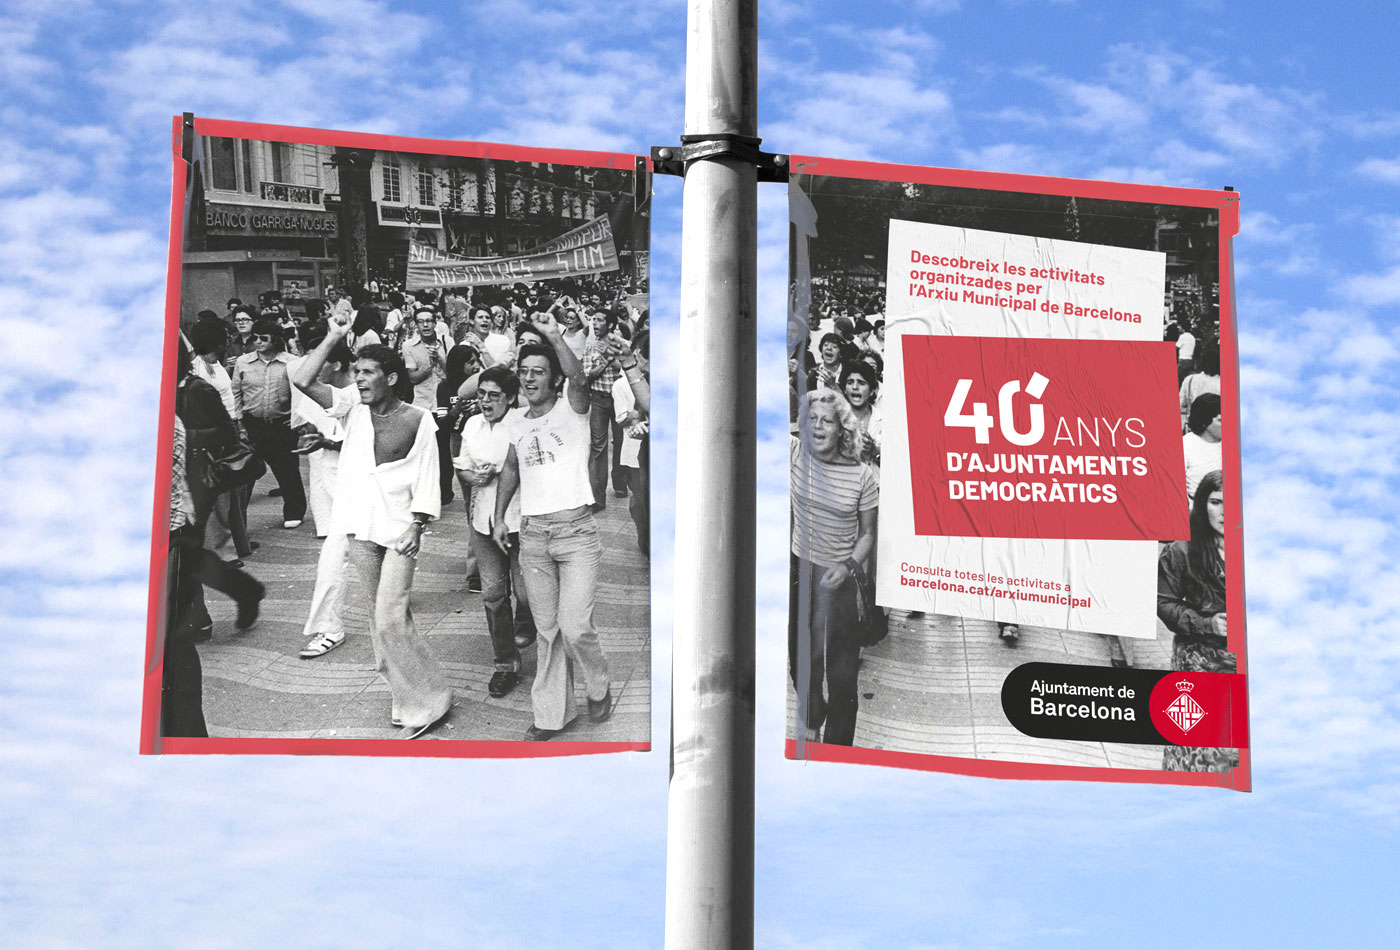 ayuntamientos-democraticos-disseny-barcelona-creartiva